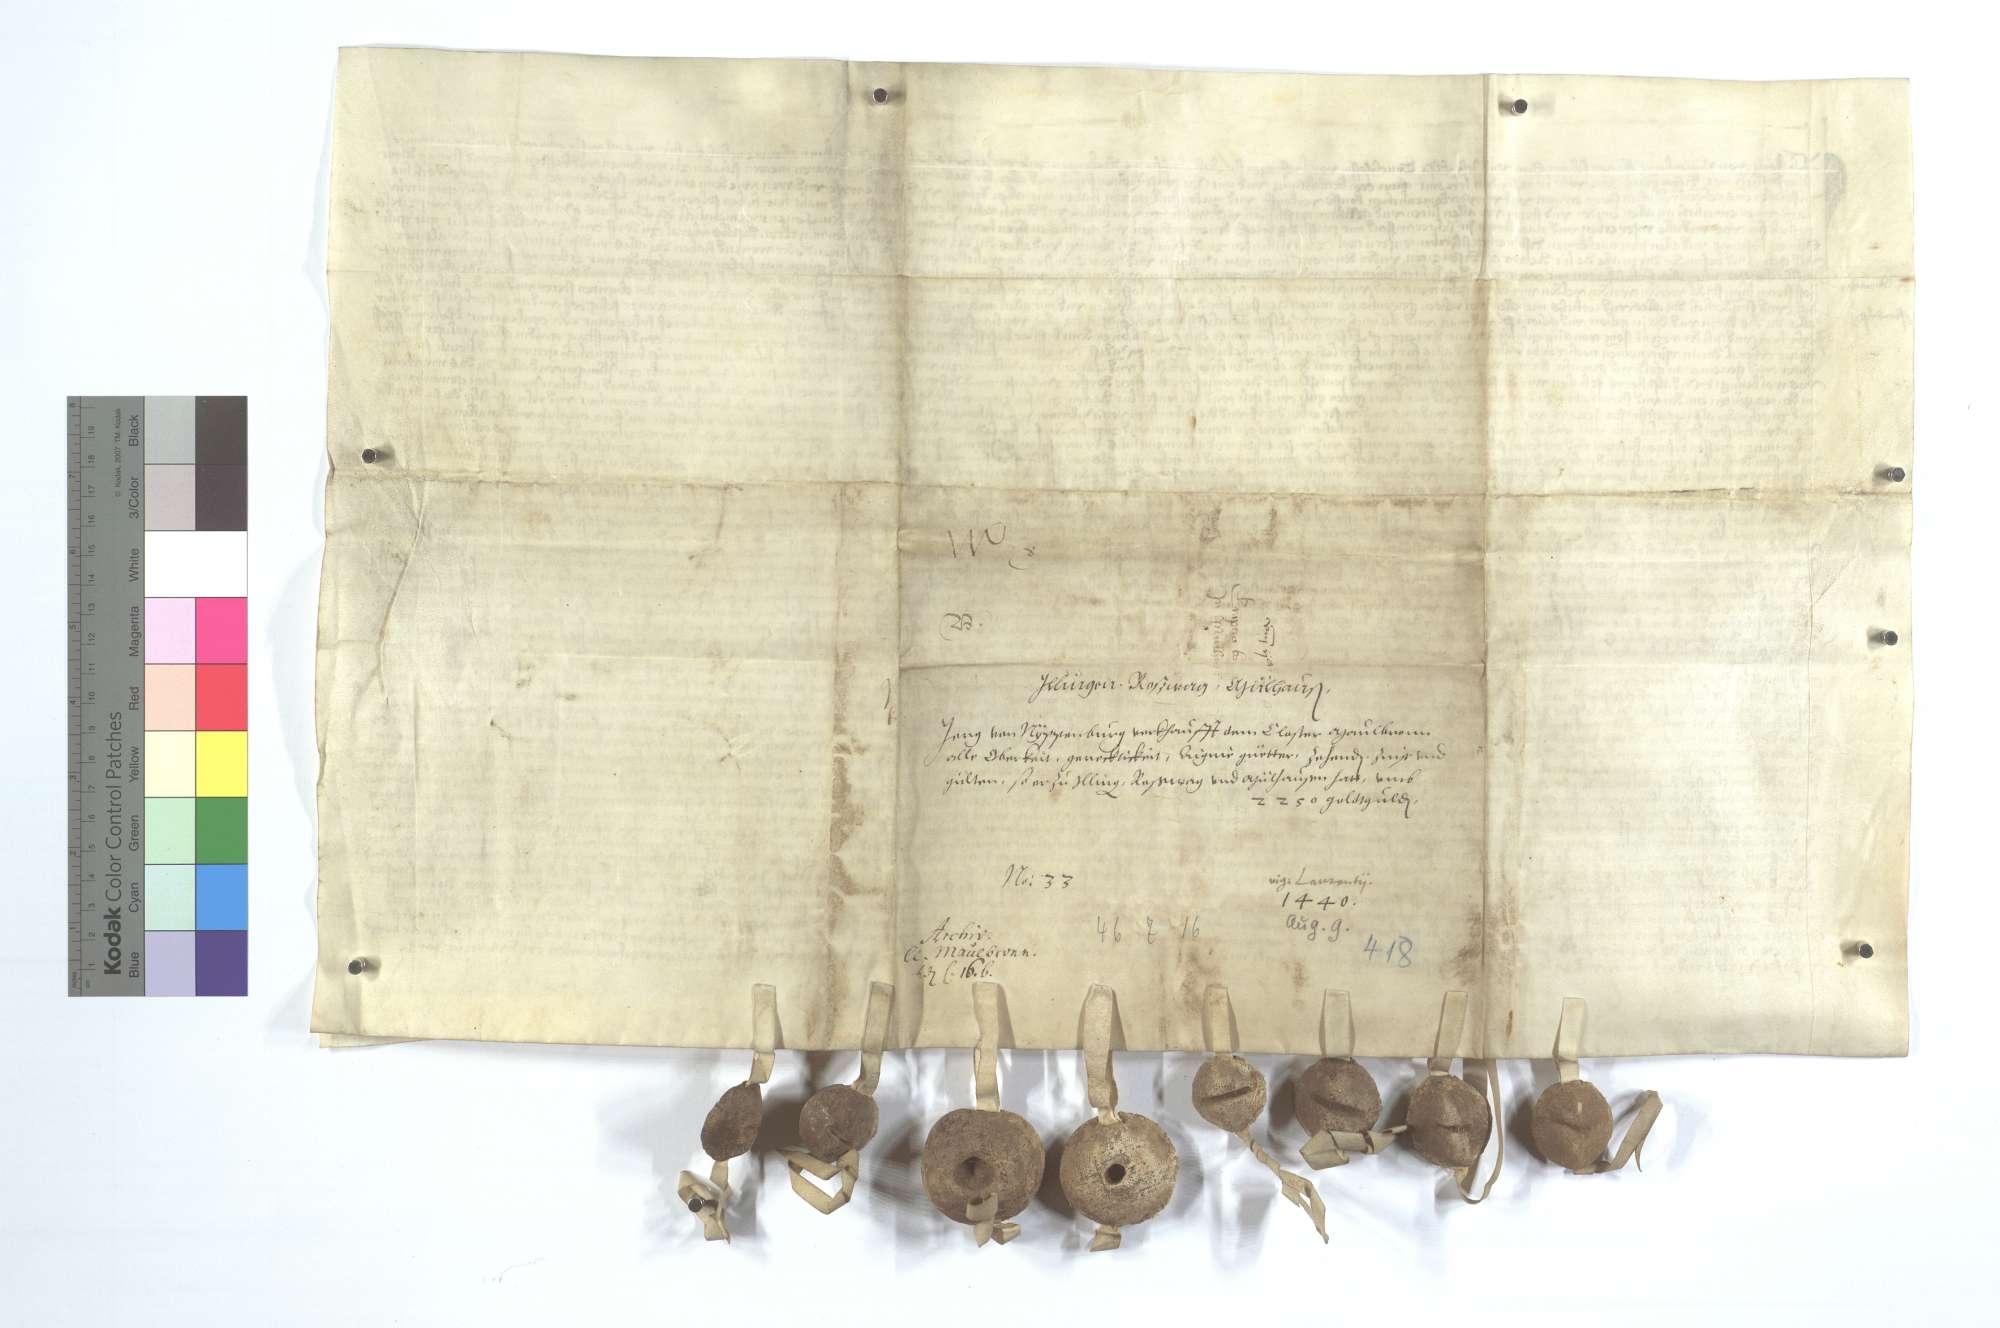 Jörg von Nippenburg verkauft alle Obrigkeit, Gerechtsame, Güter, Zinsen und Gülten in Illingen, Roßwag und Mühlhausen (Mülhausen) dem Kloster Maulbronn für 2.250 Gulden., Rückseite